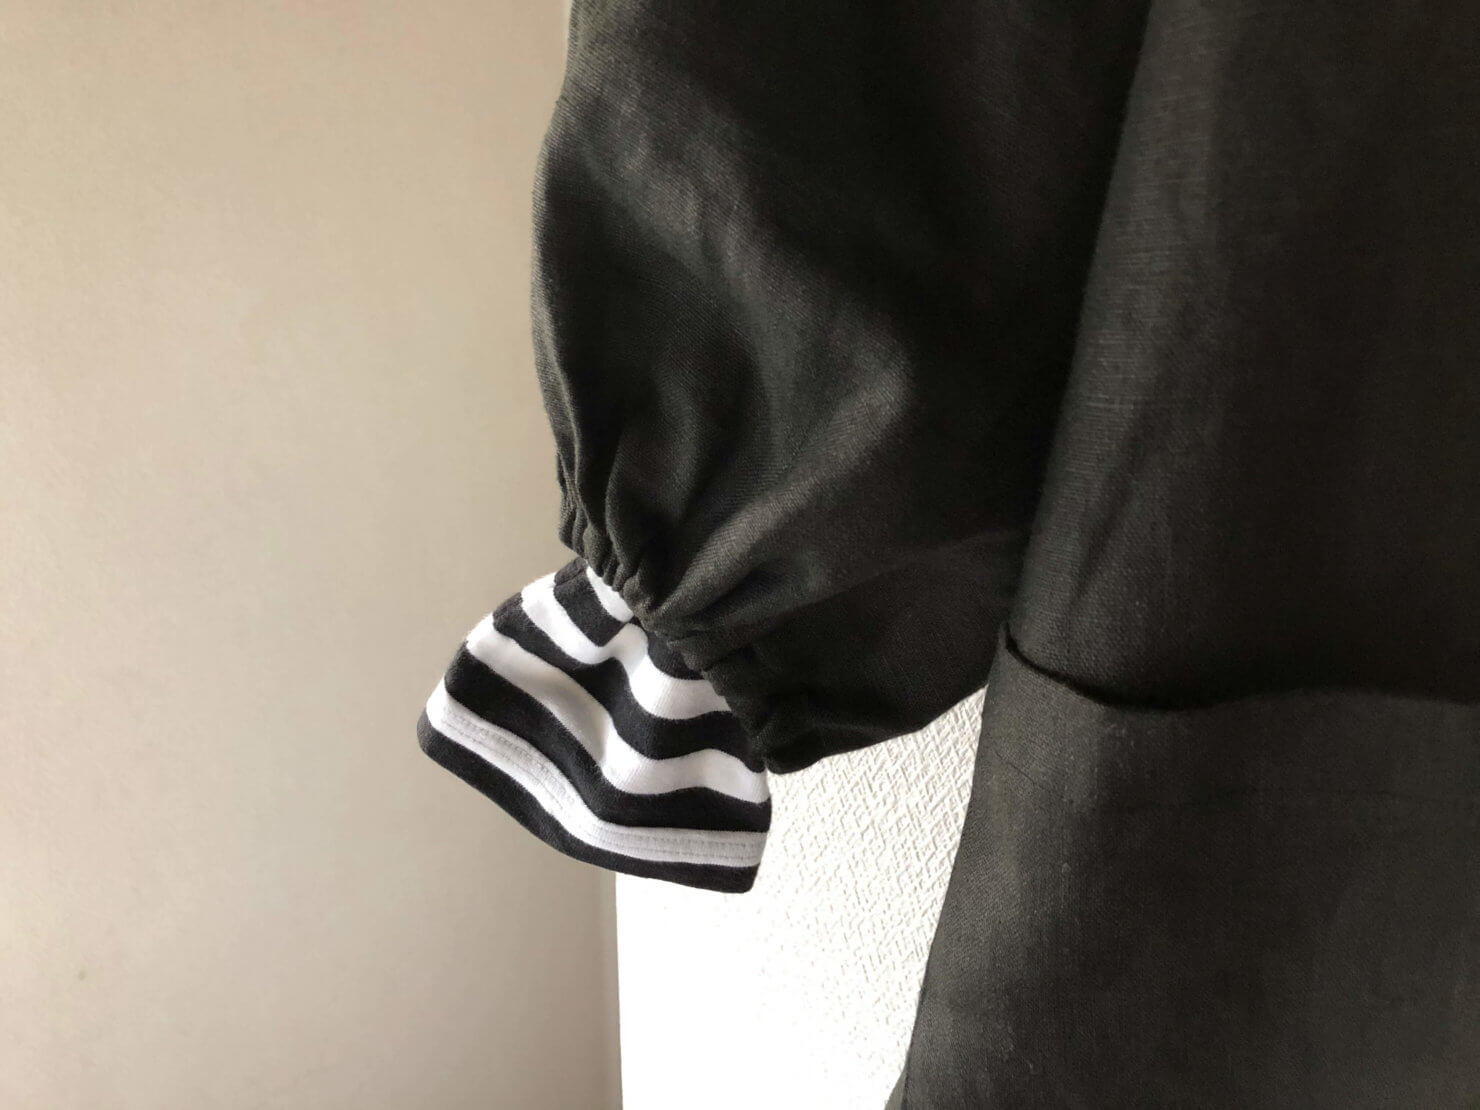 EARTH COLOR制作「黒リネン割烹着」は下に着ている服が見えてもかわいい